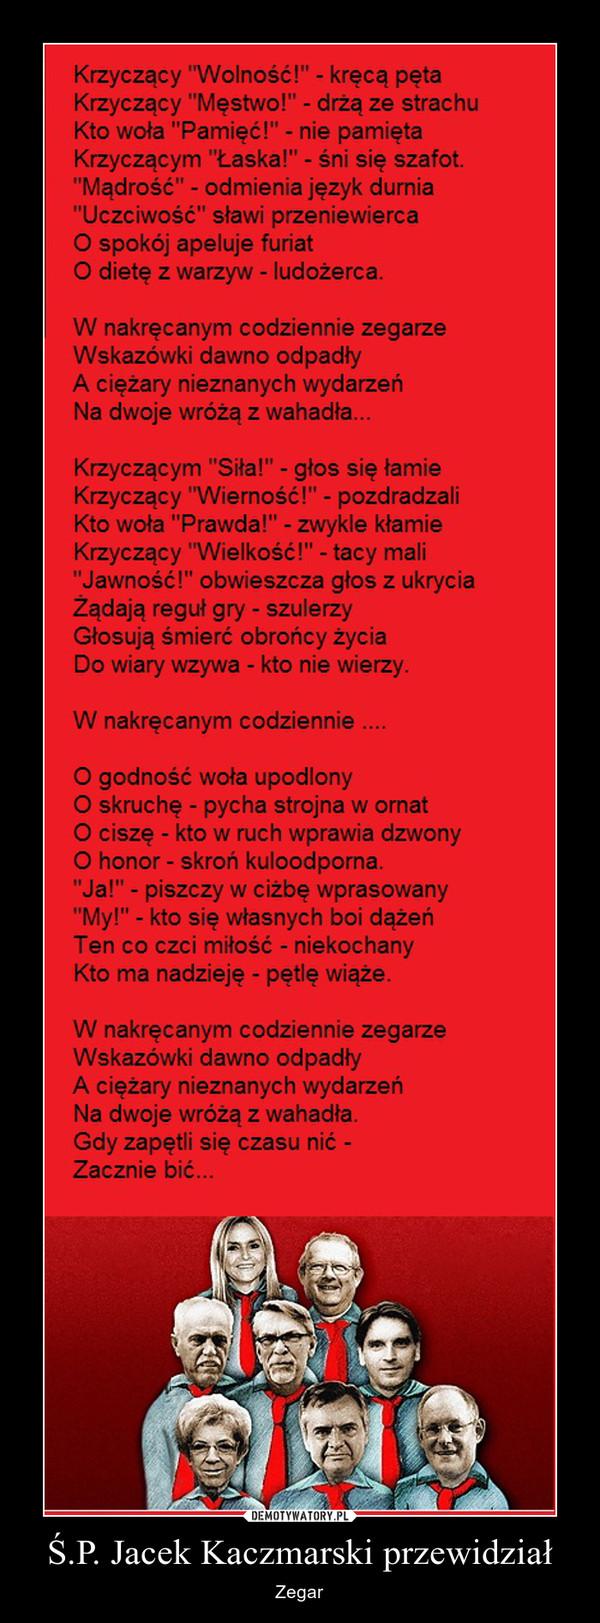 Ś.P. Jacek Kaczmarski przewidział – Zegar